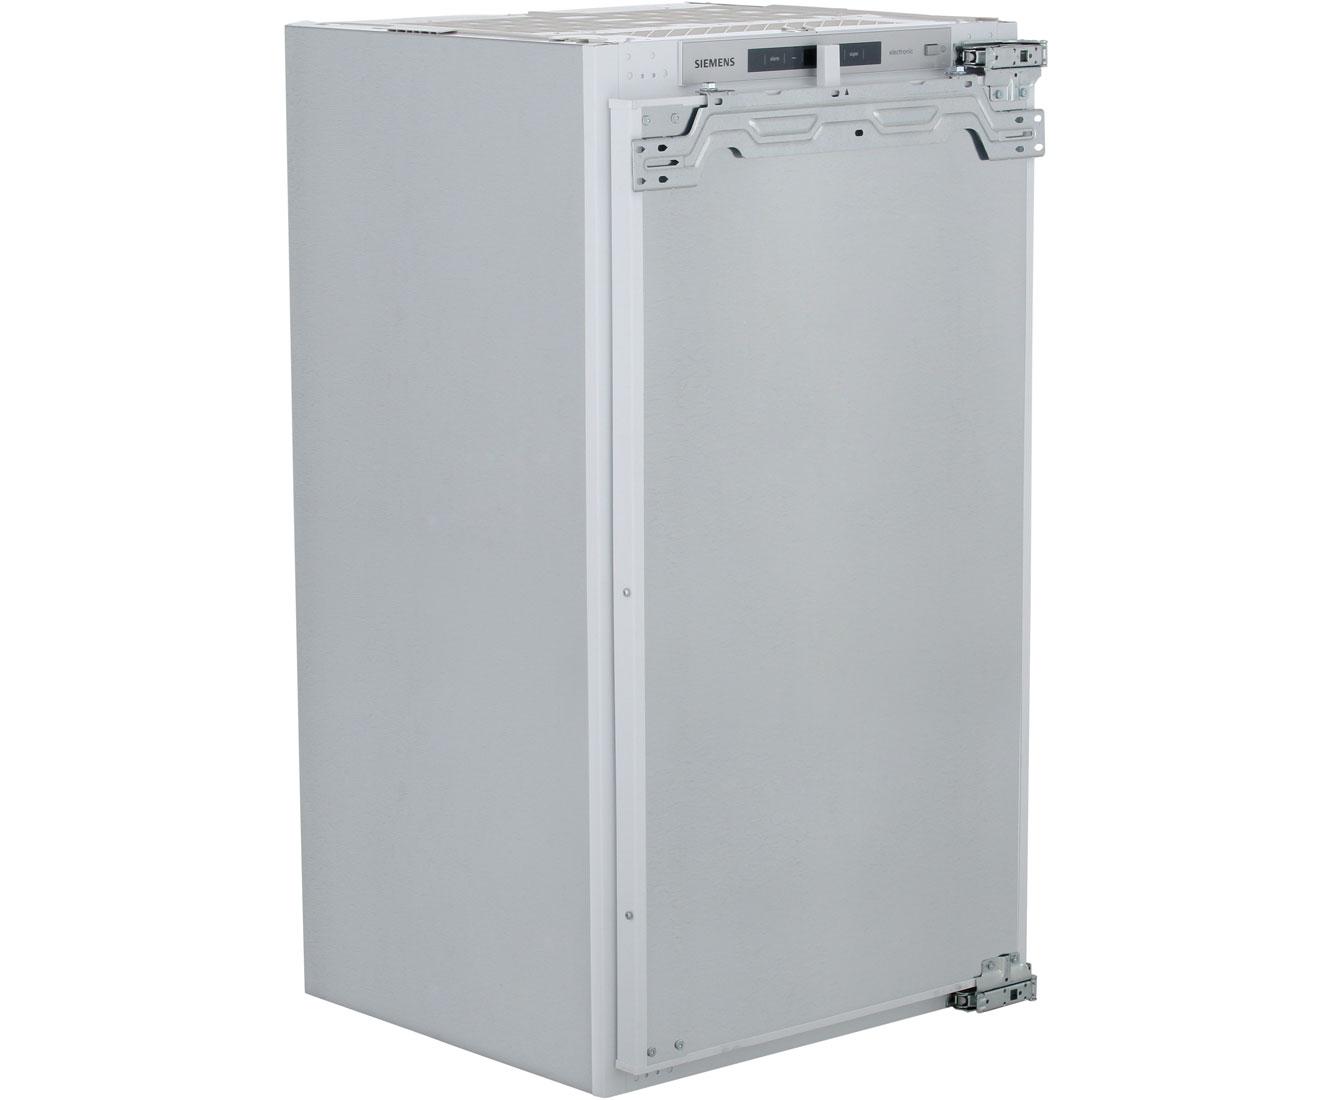 Siemens Topline Kühlschrank : Siemens iq ki lad einbau kühlschrank mit gefrierfach er